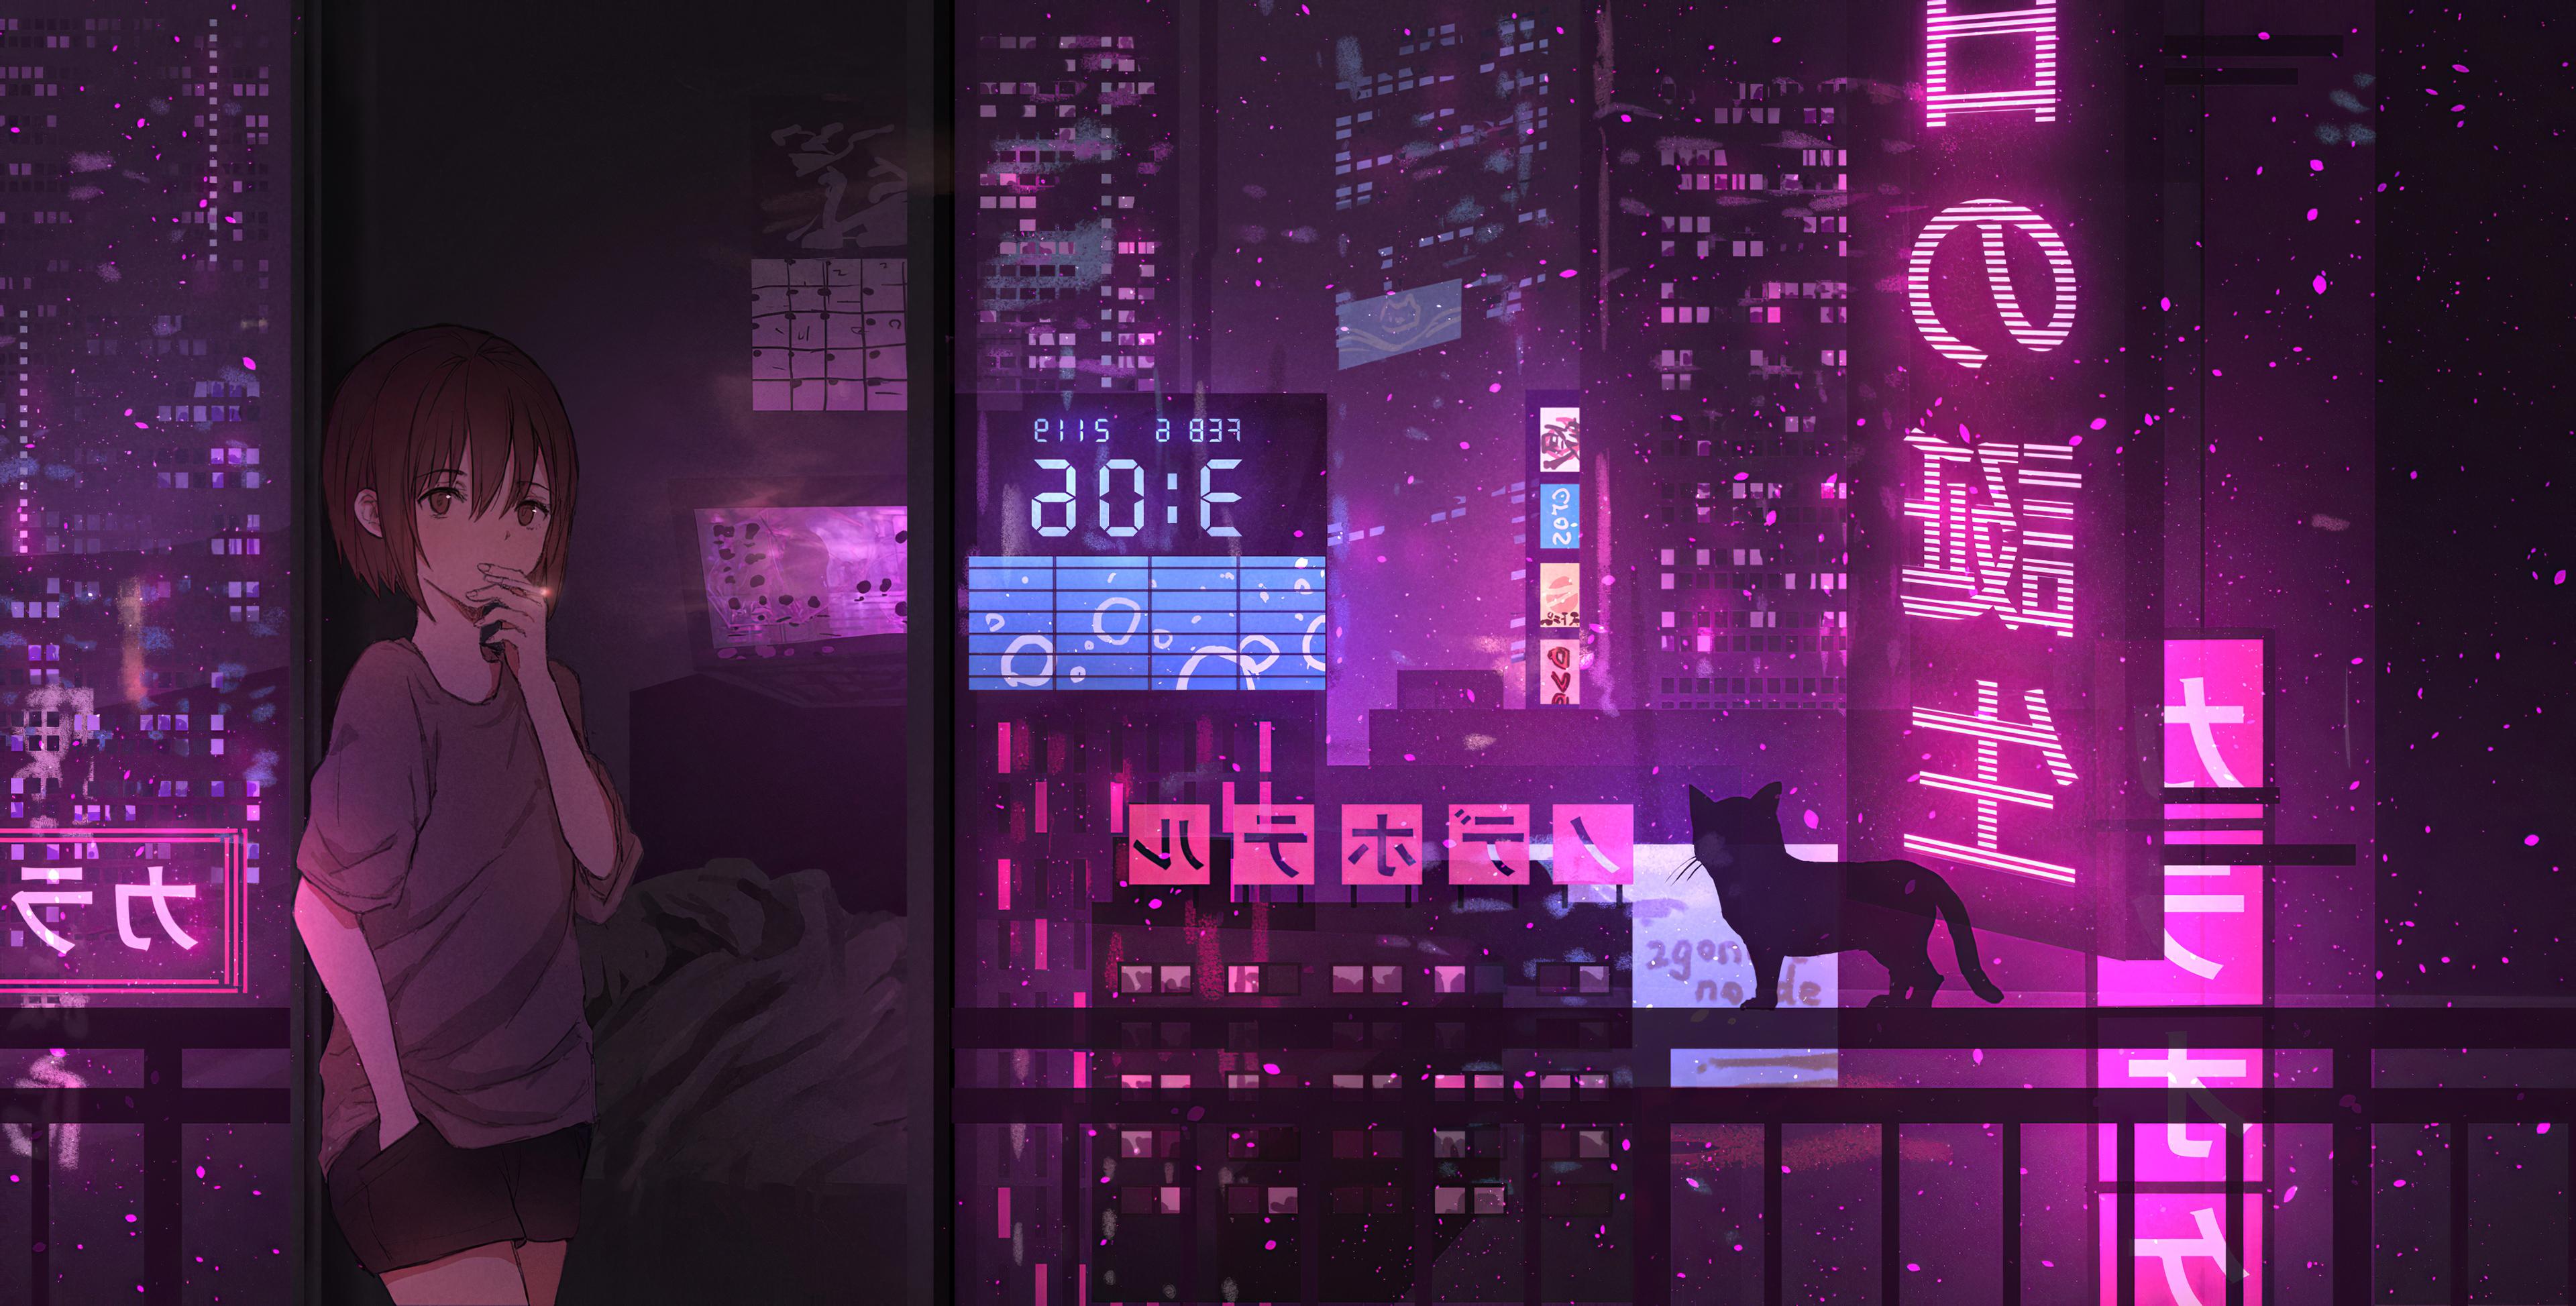 neon night anime girl cat 1578254262 - Neon Night Anime Girl Cat -